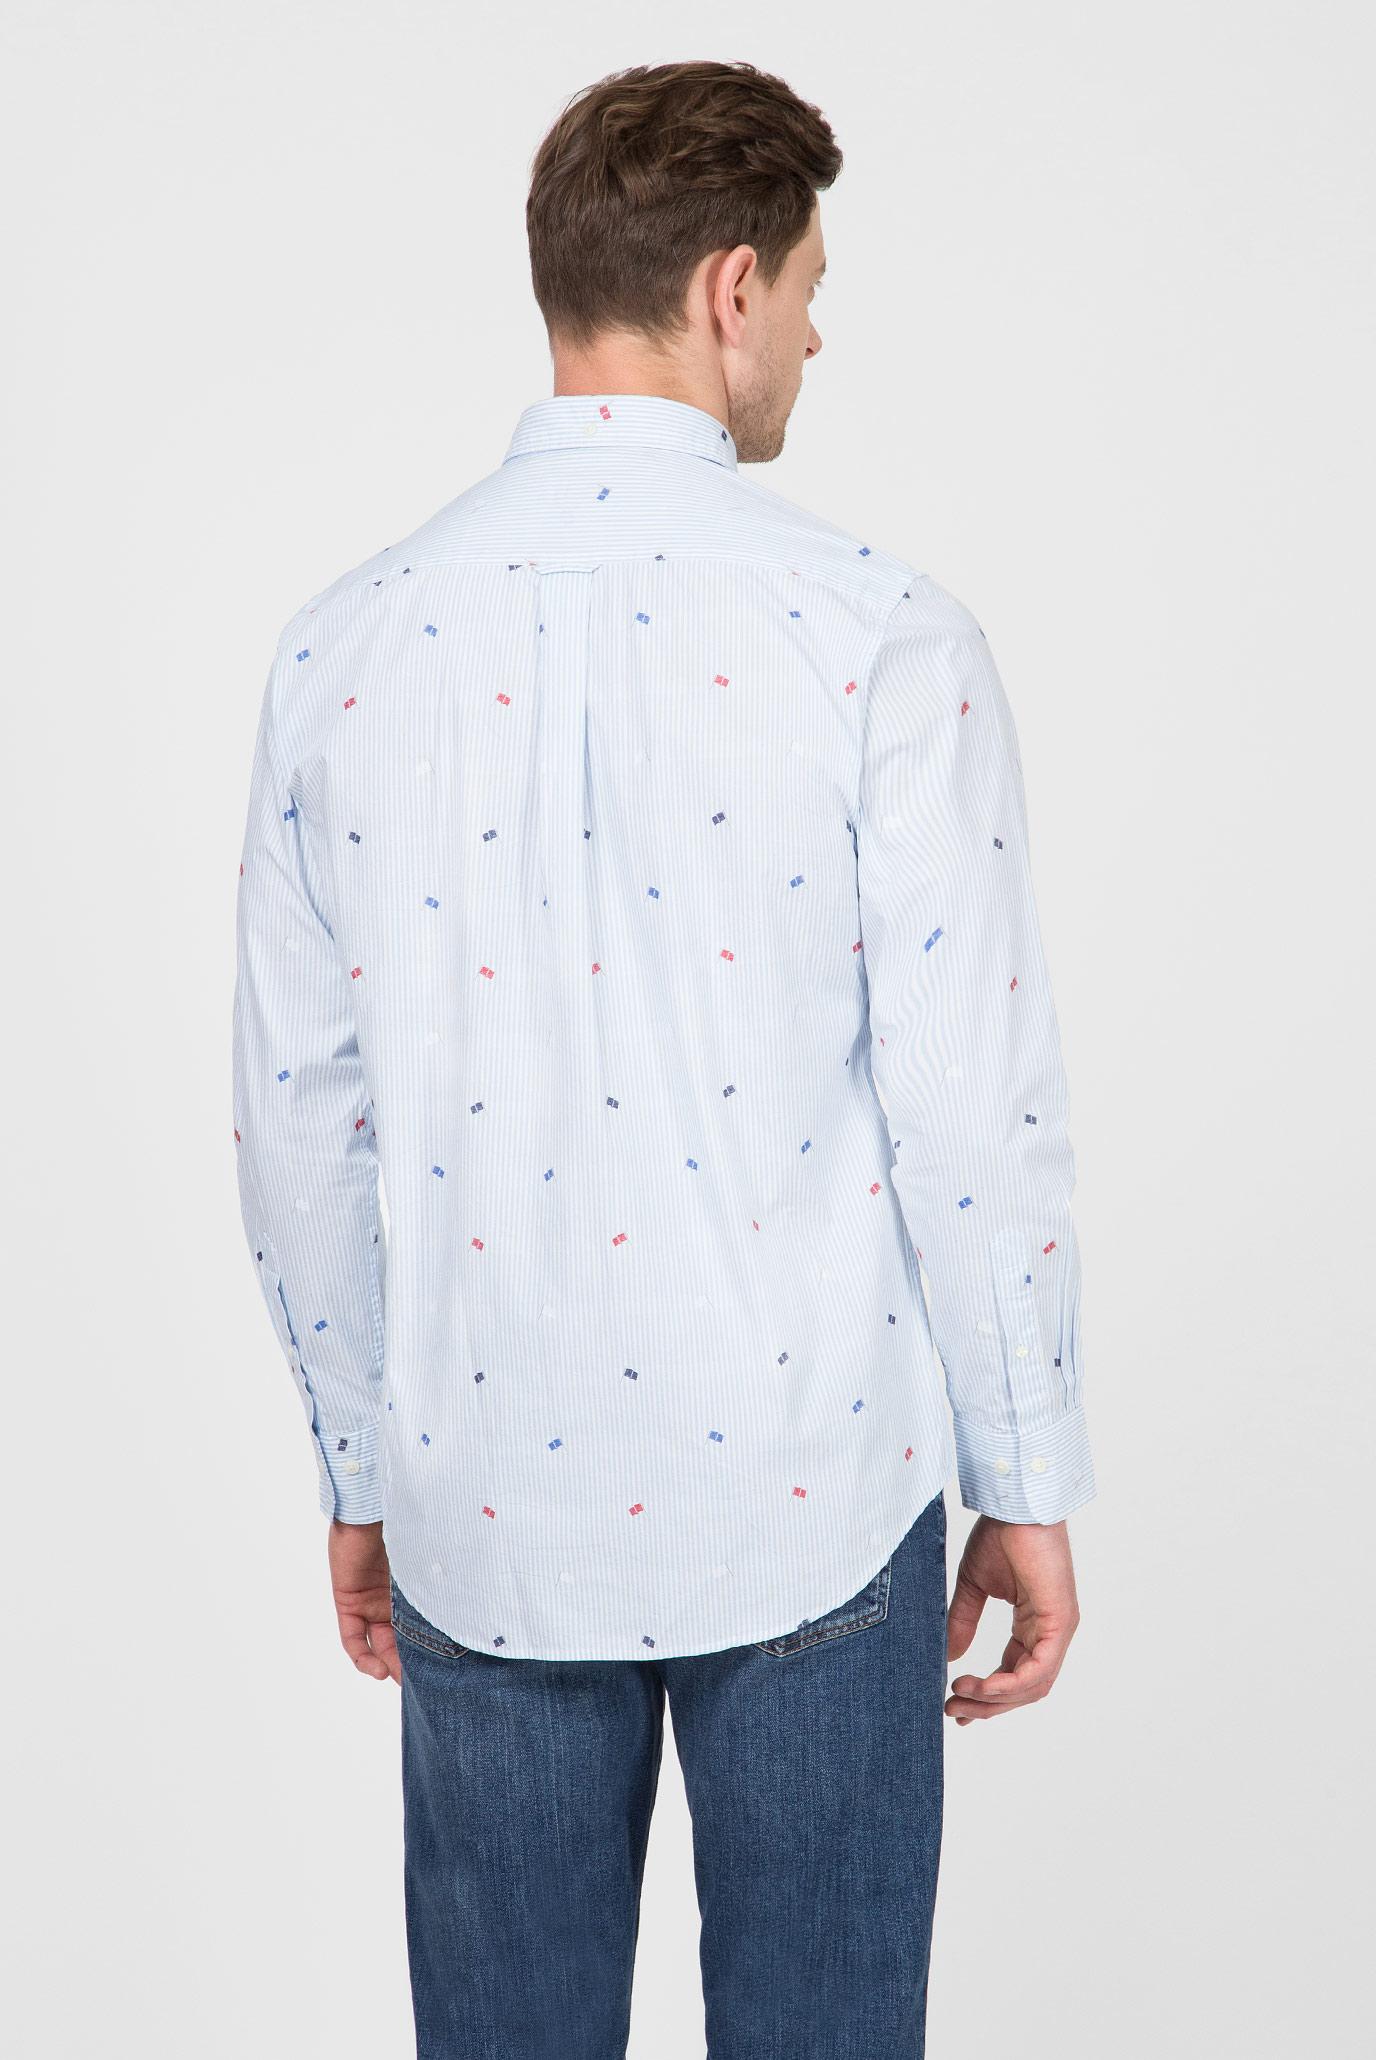 Купить Мужская голубая рубашка LM Gant Gant 3016930 – Киев, Украина. Цены в интернет магазине MD Fashion